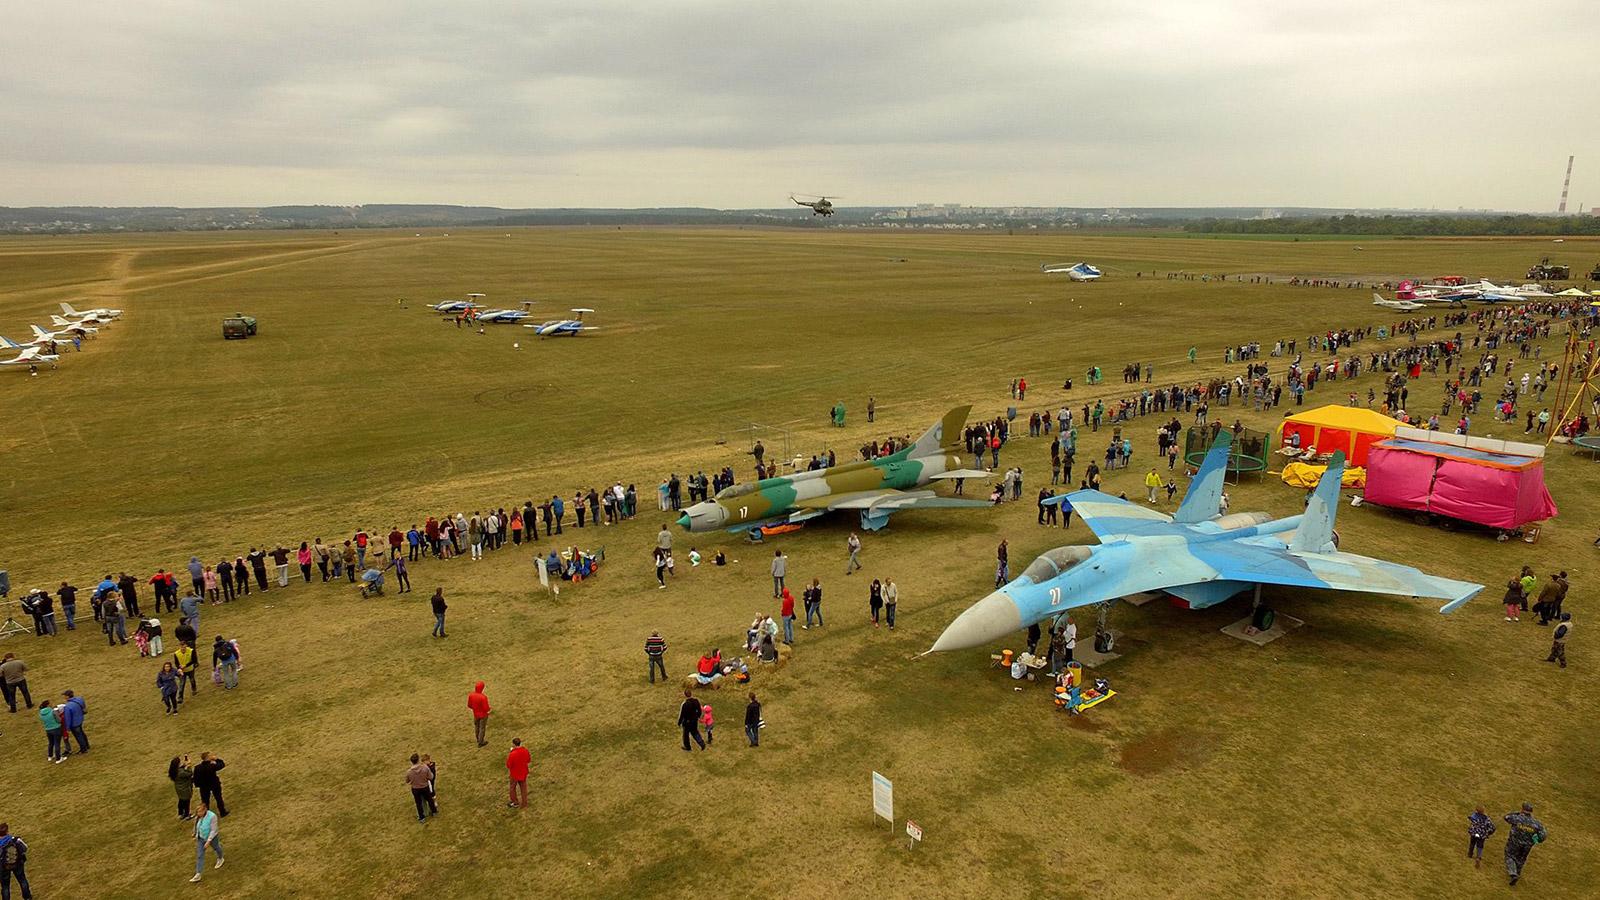 Состоялся Aviafest-2018, более 17 000 посетителей